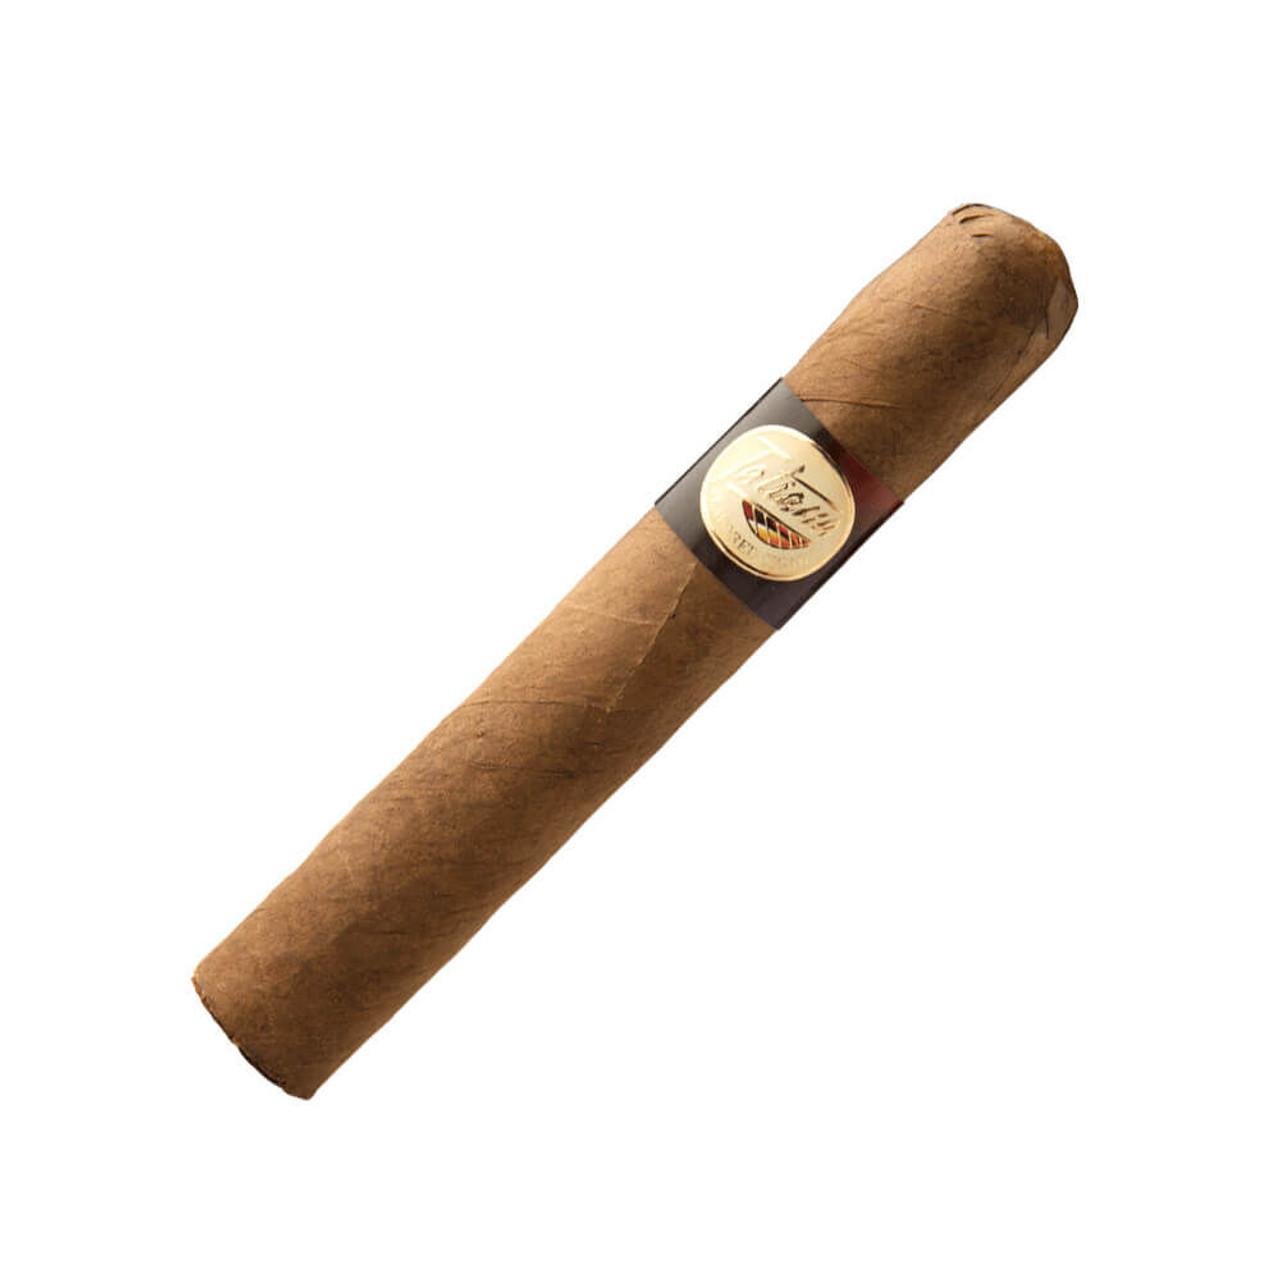 Tatiana Robusto Groovy Blue Cigars - 5 x 50 (Box of 25)